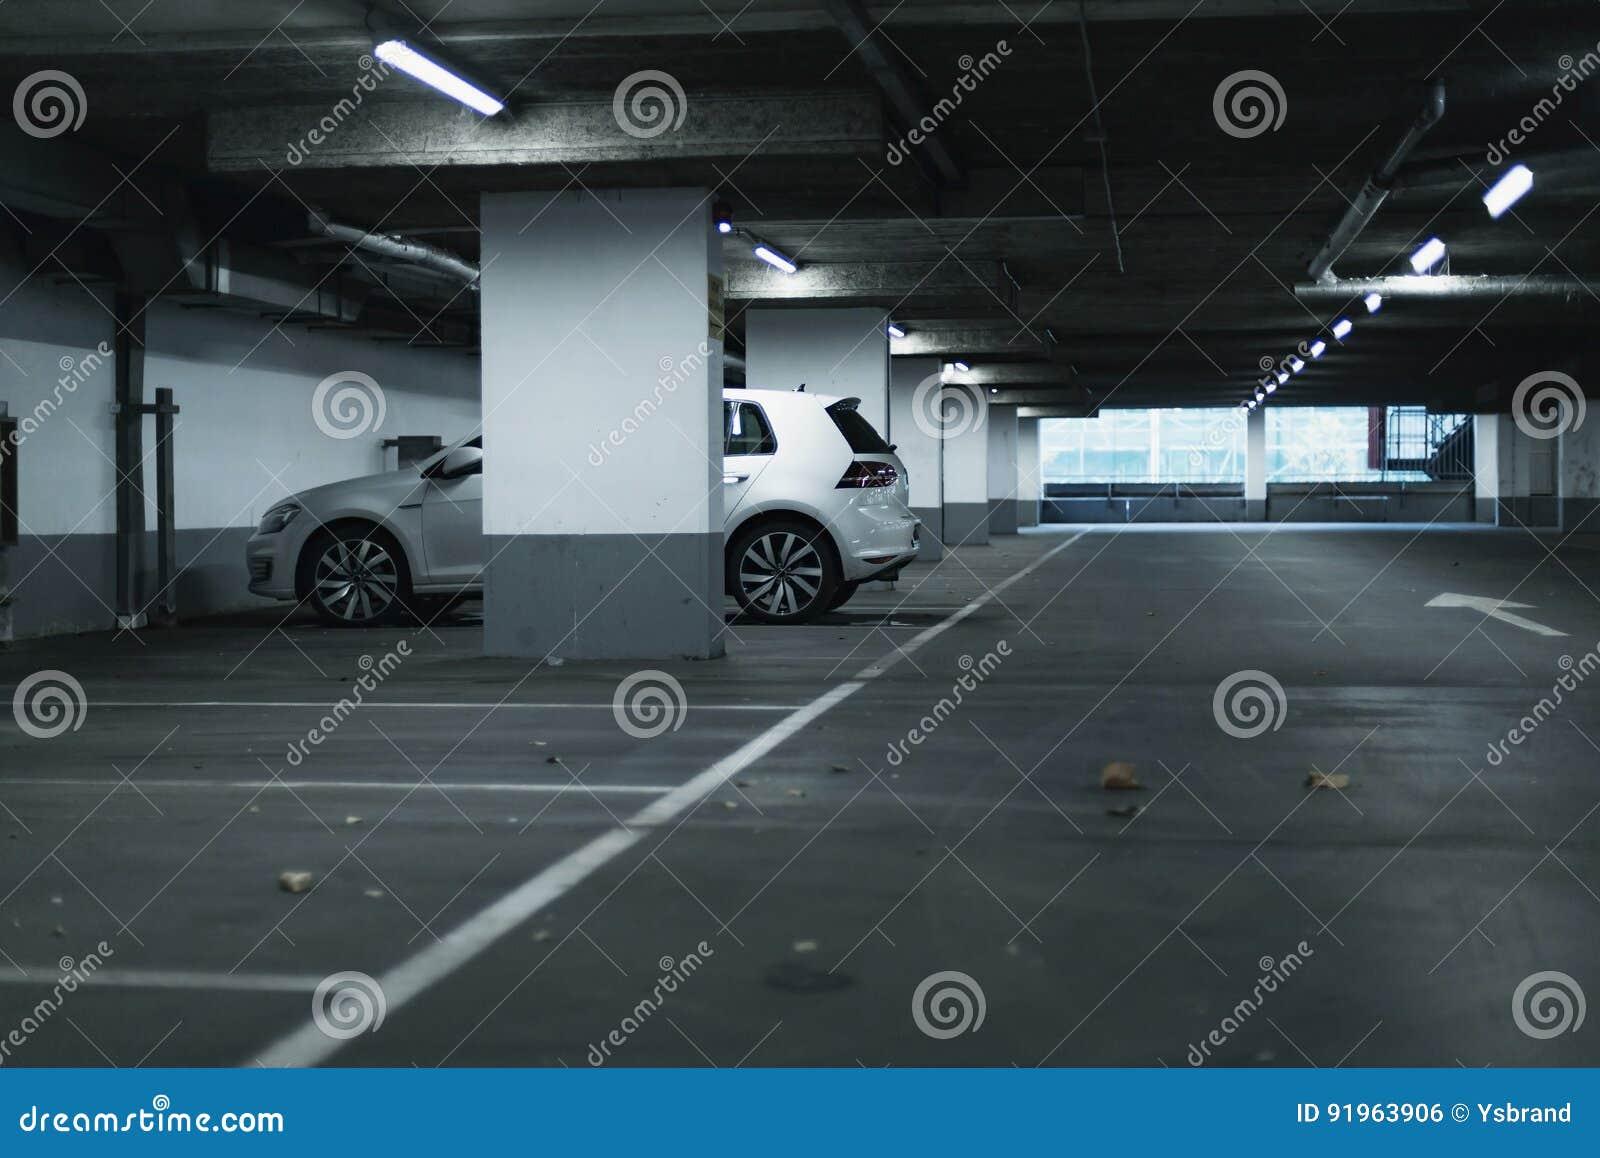 Vit bil som parkeras i tomt parkeringsgarage